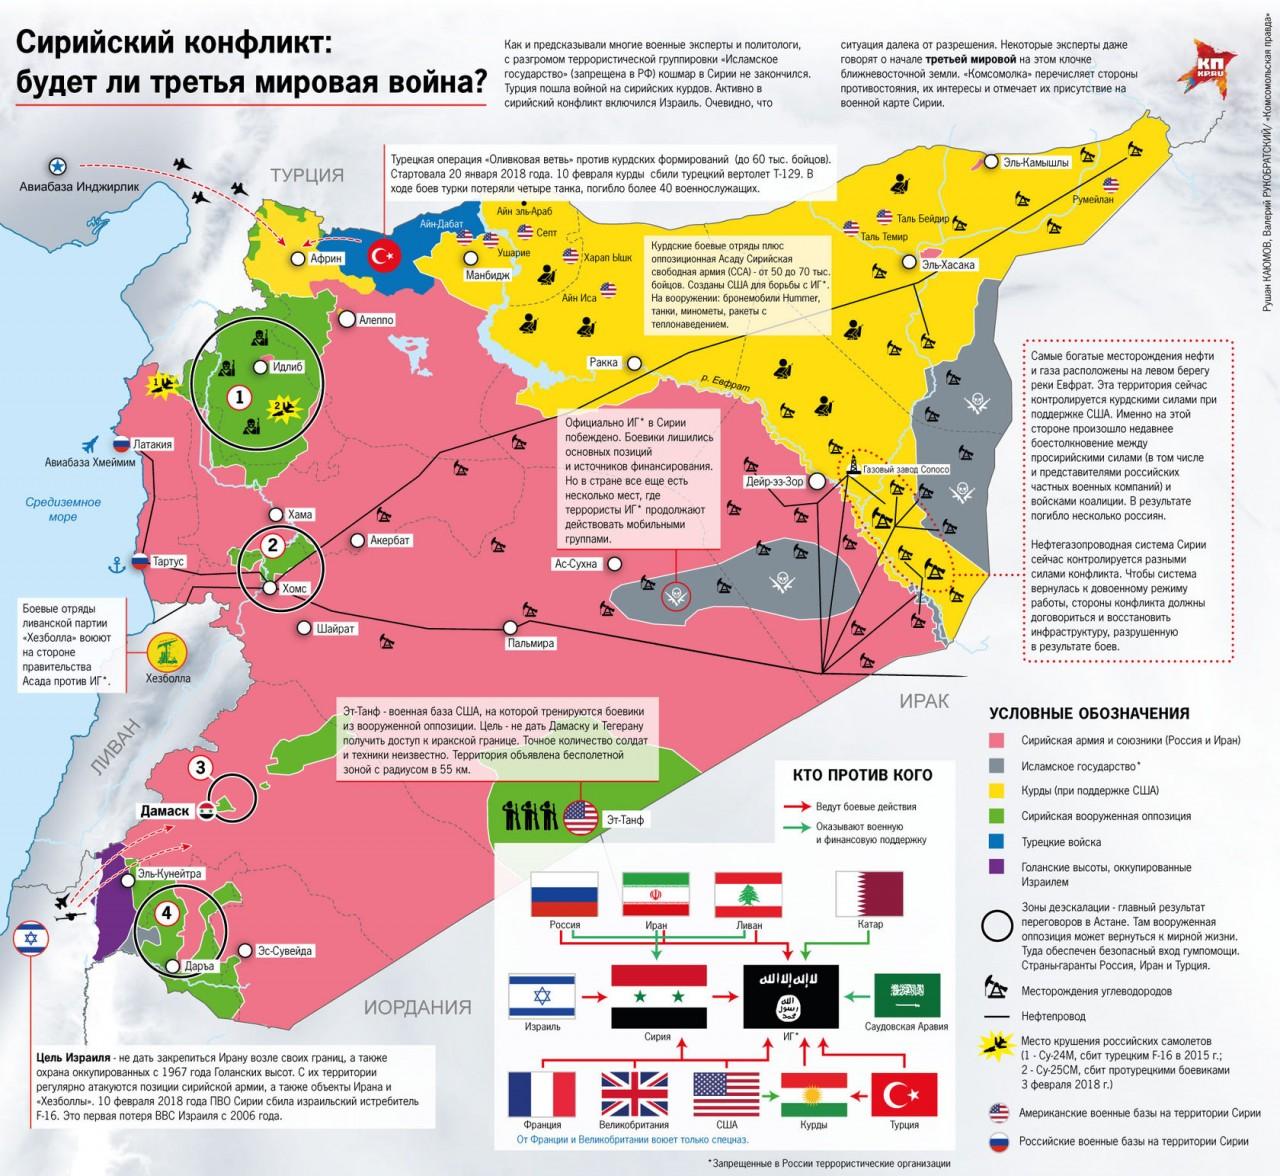 Лавров заявил о попытках США создать в Сирии квазигосударство